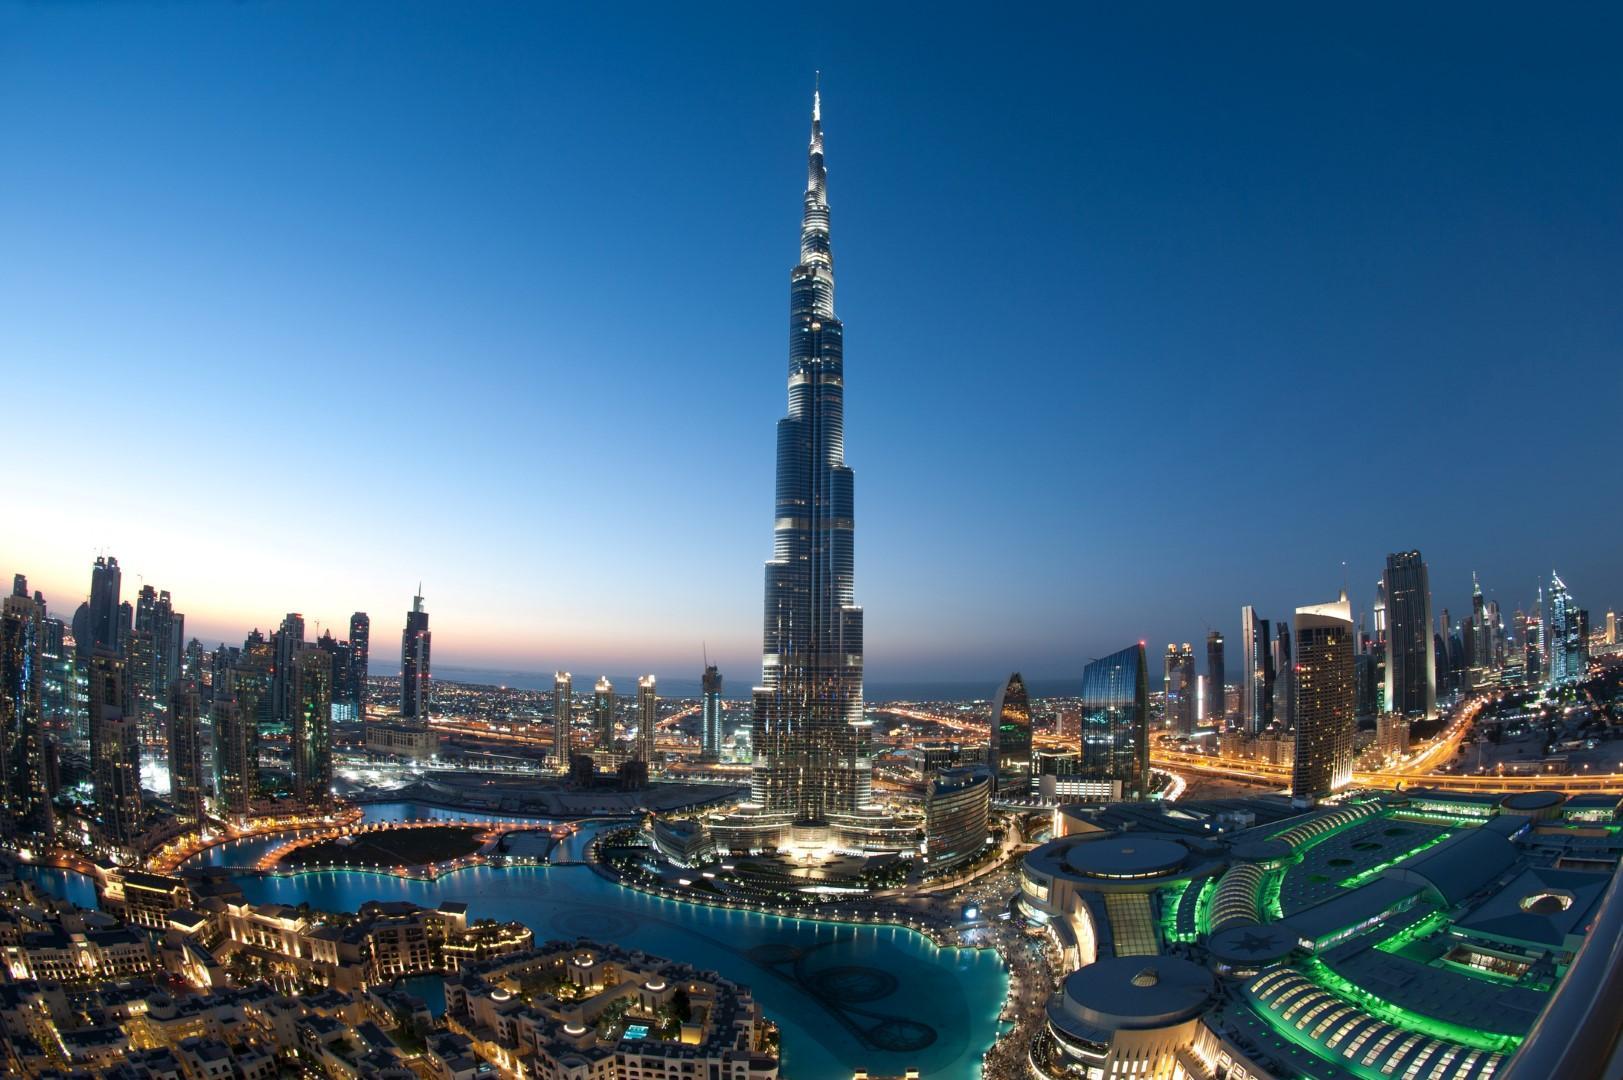 Skyline: i grattacieli più belli del mondo